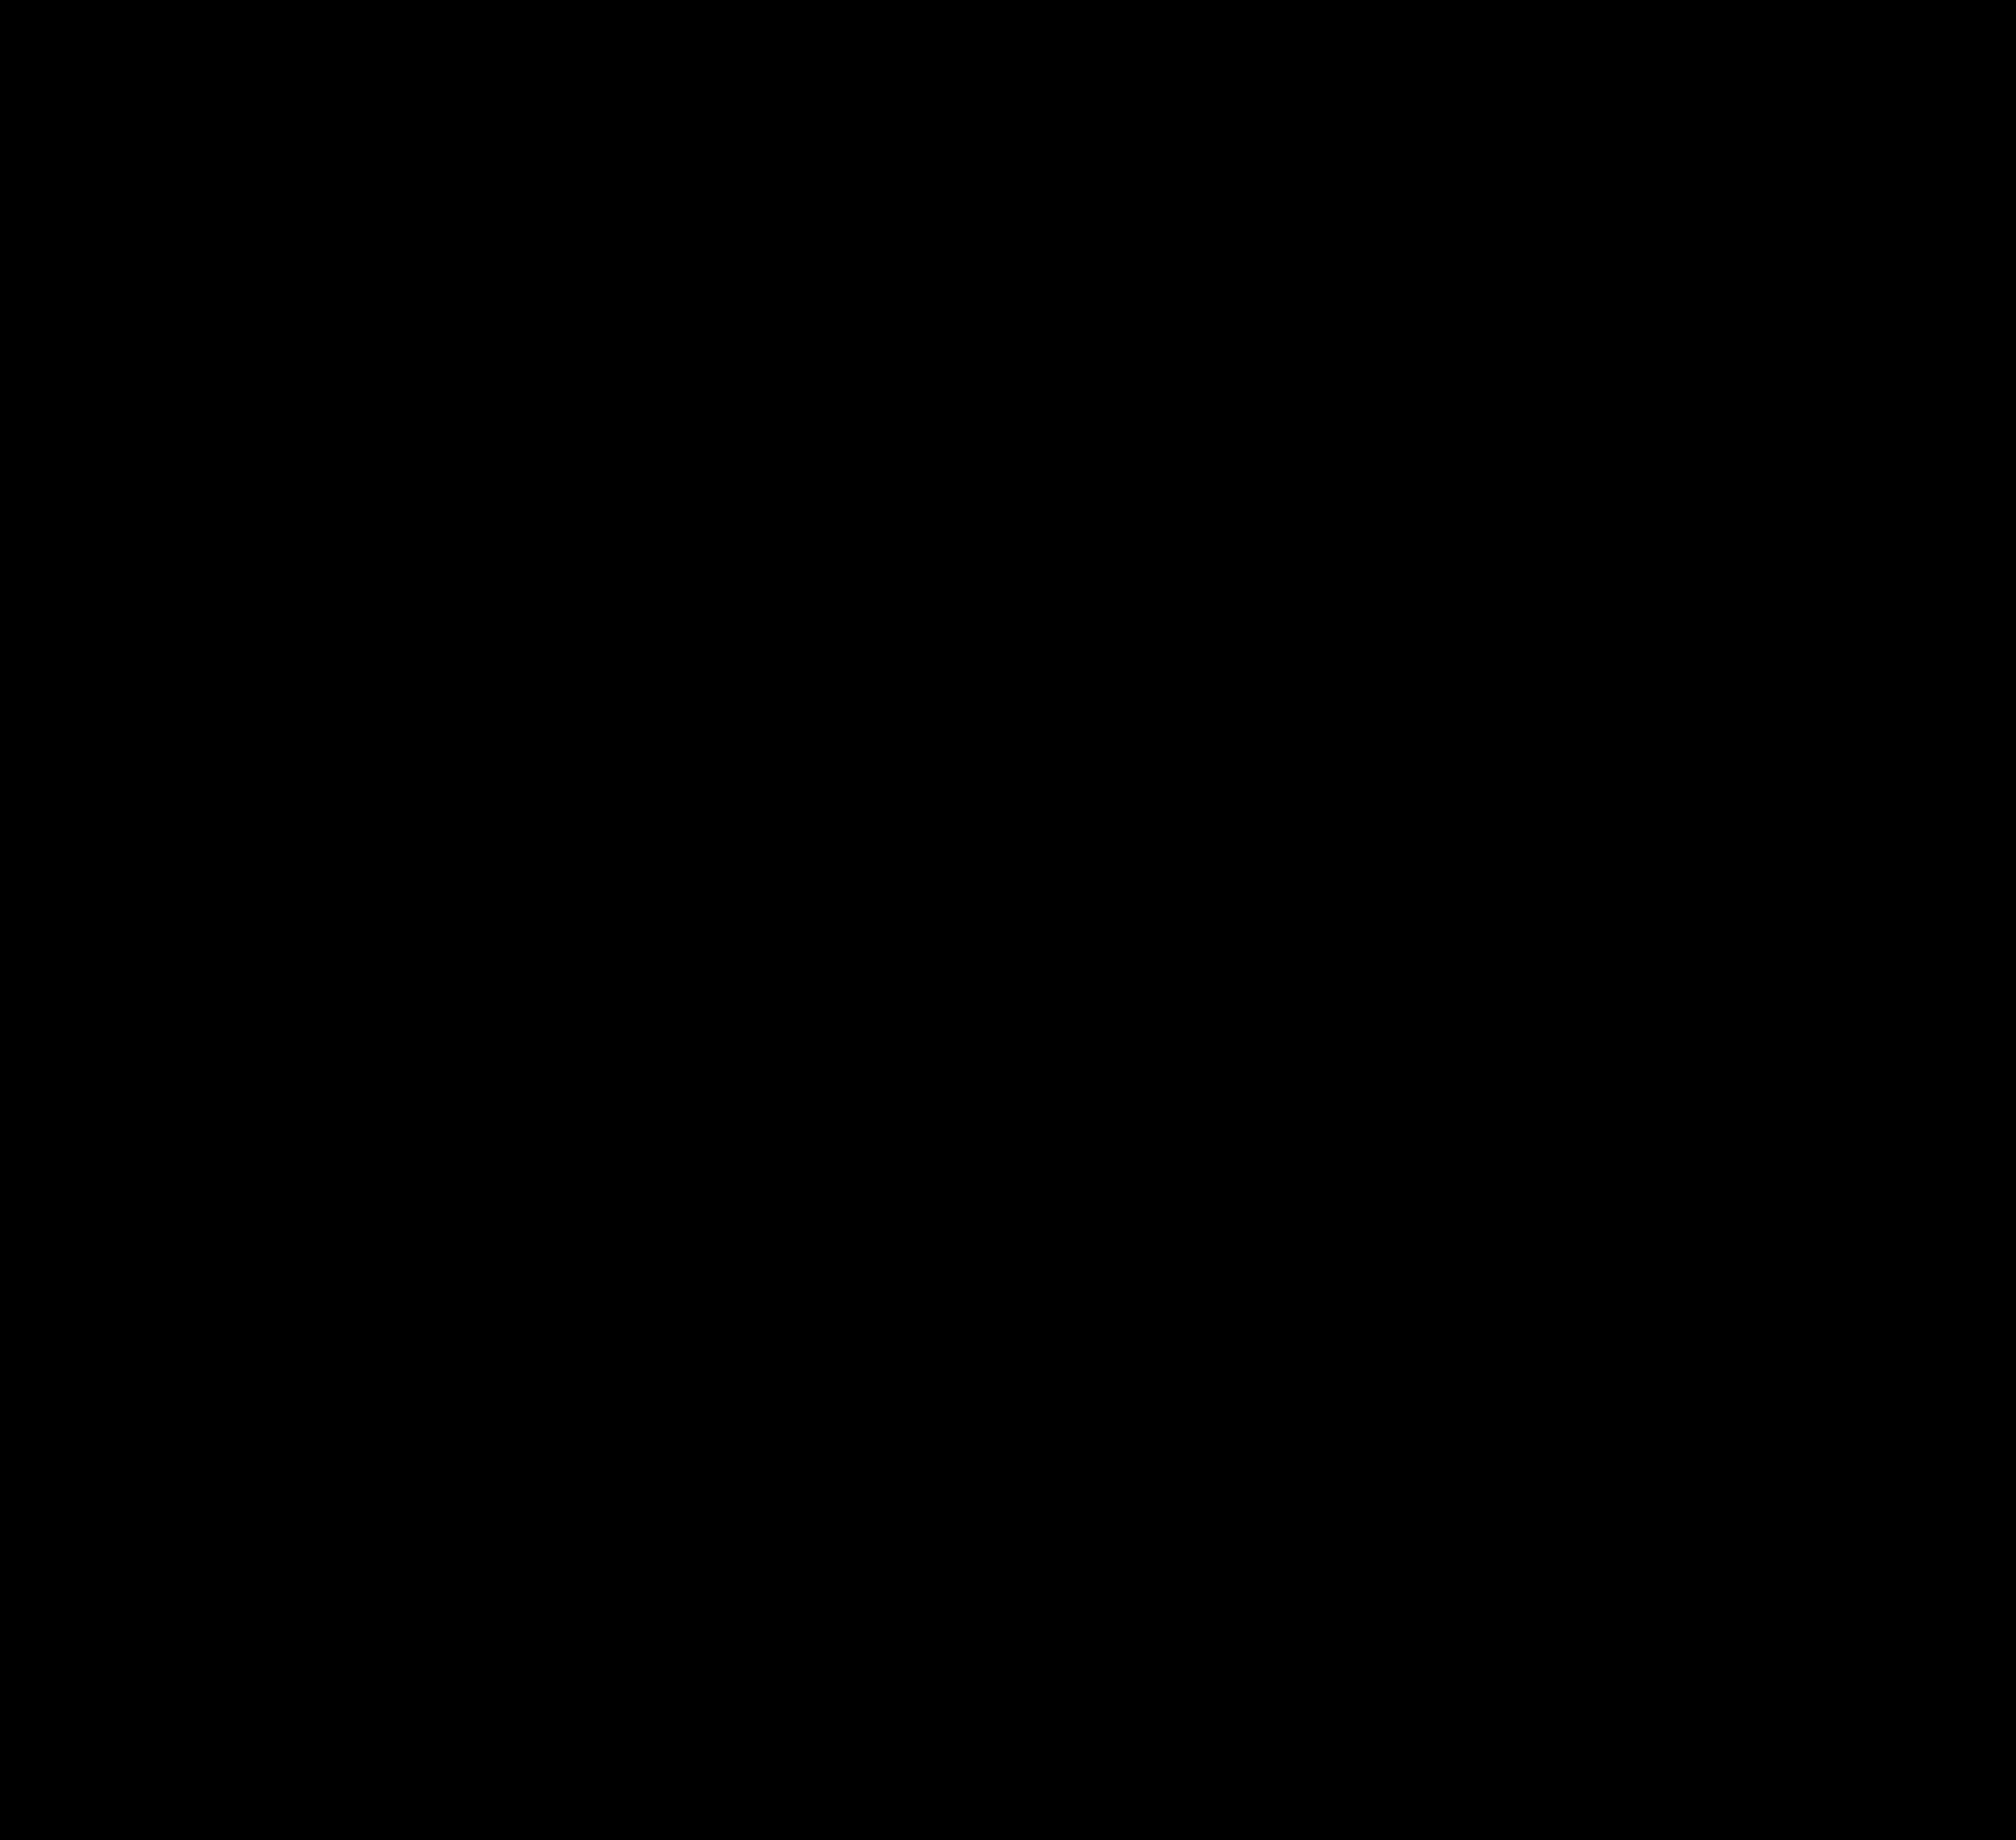 Jumping Lamb vector Clipart image.